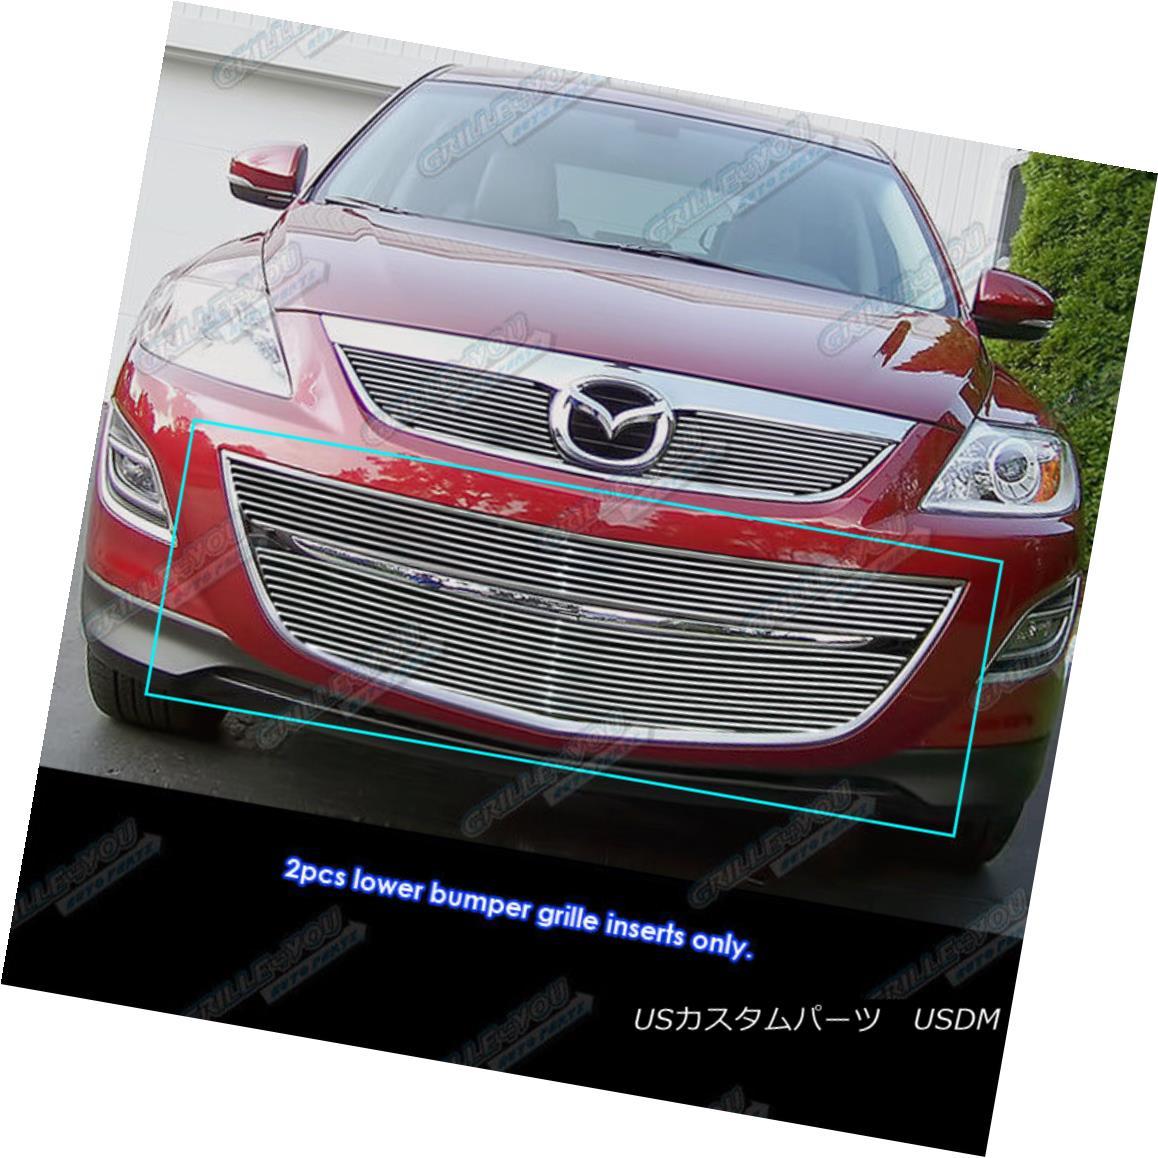 グリル Fits 2010-2013 Mazda CX-9 Lower Bumper Billet Grille Grill Insert フィット2010-2013マツダCX-9ロワーバンパービレットグリルグリルインサート